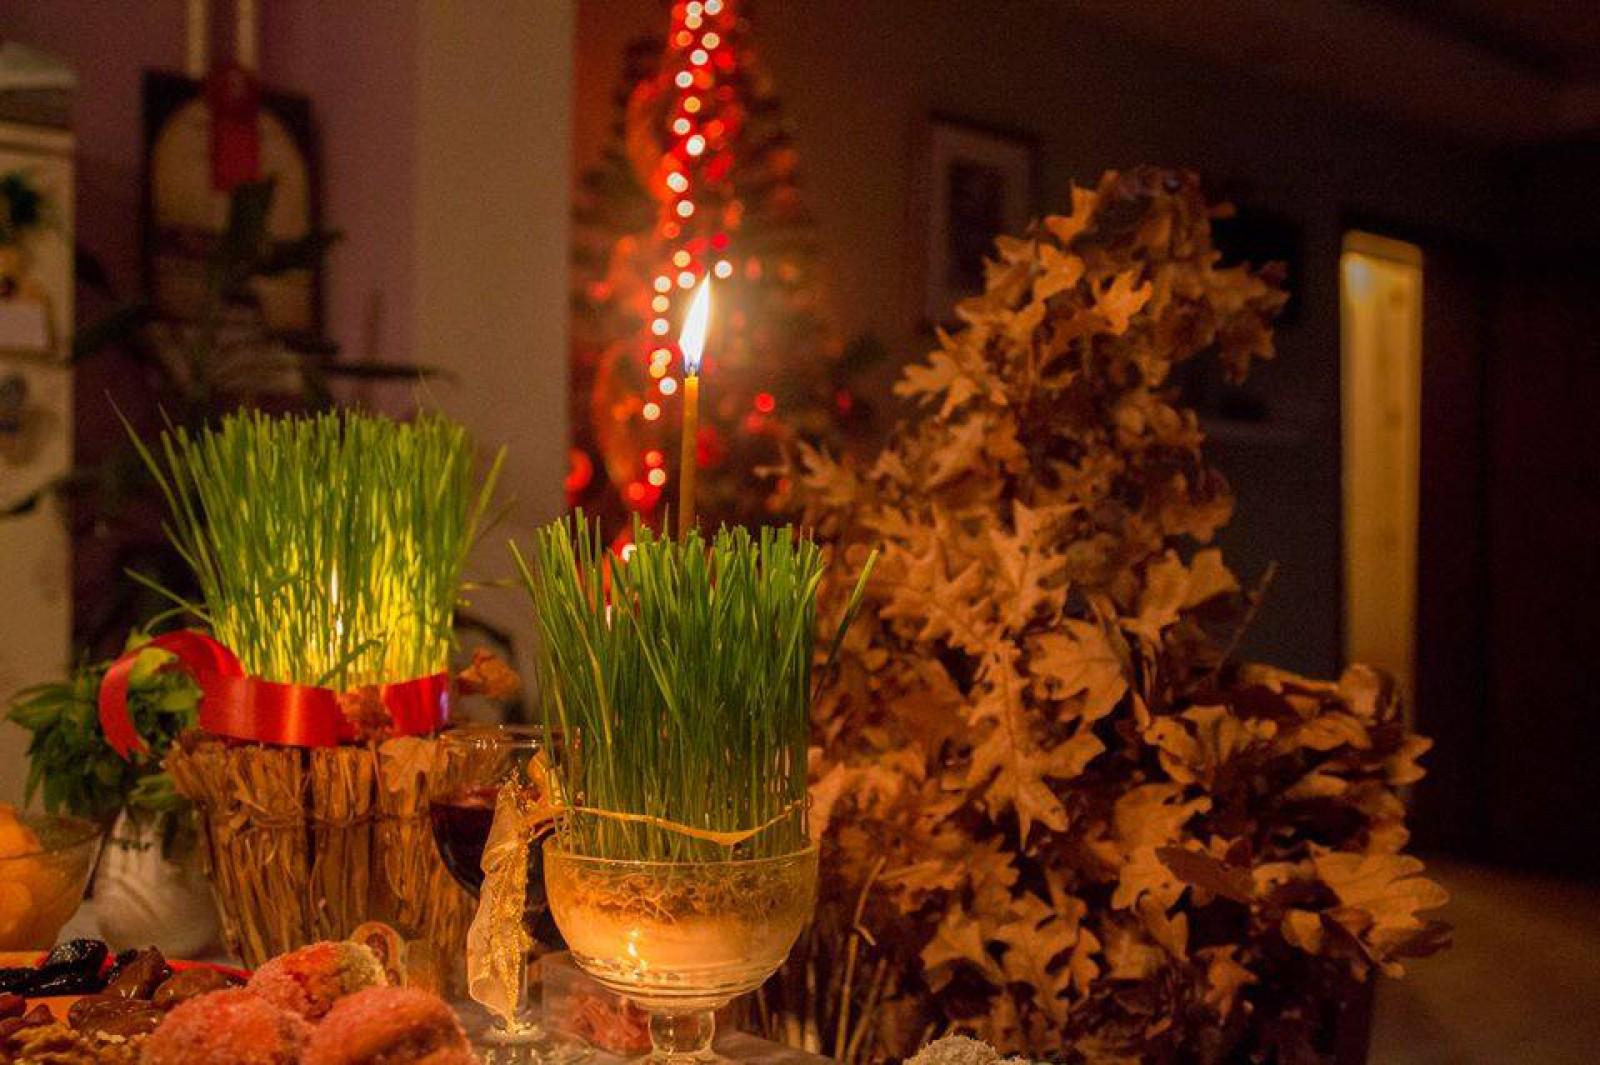 Božićni običaji za zdravlje, sreću, ljubav i izobilje